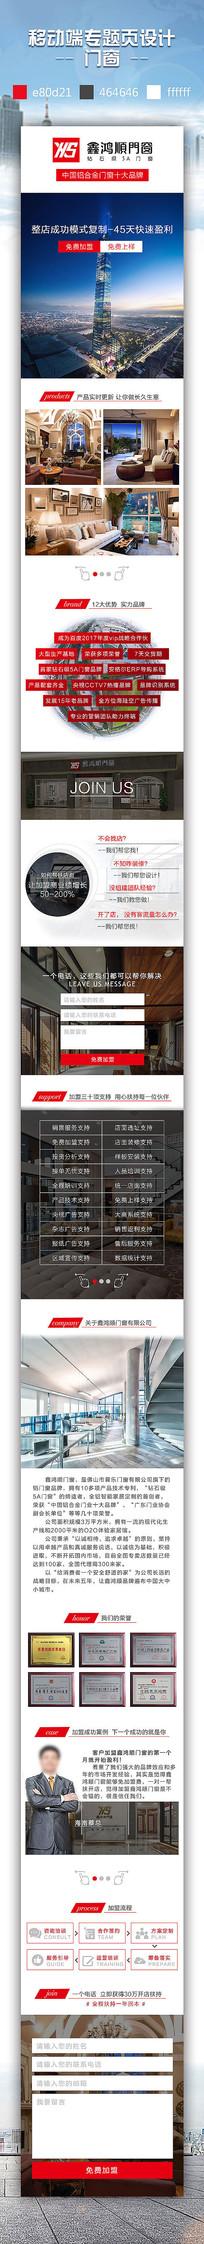 门窗公司移动端专题页面设计 PSD